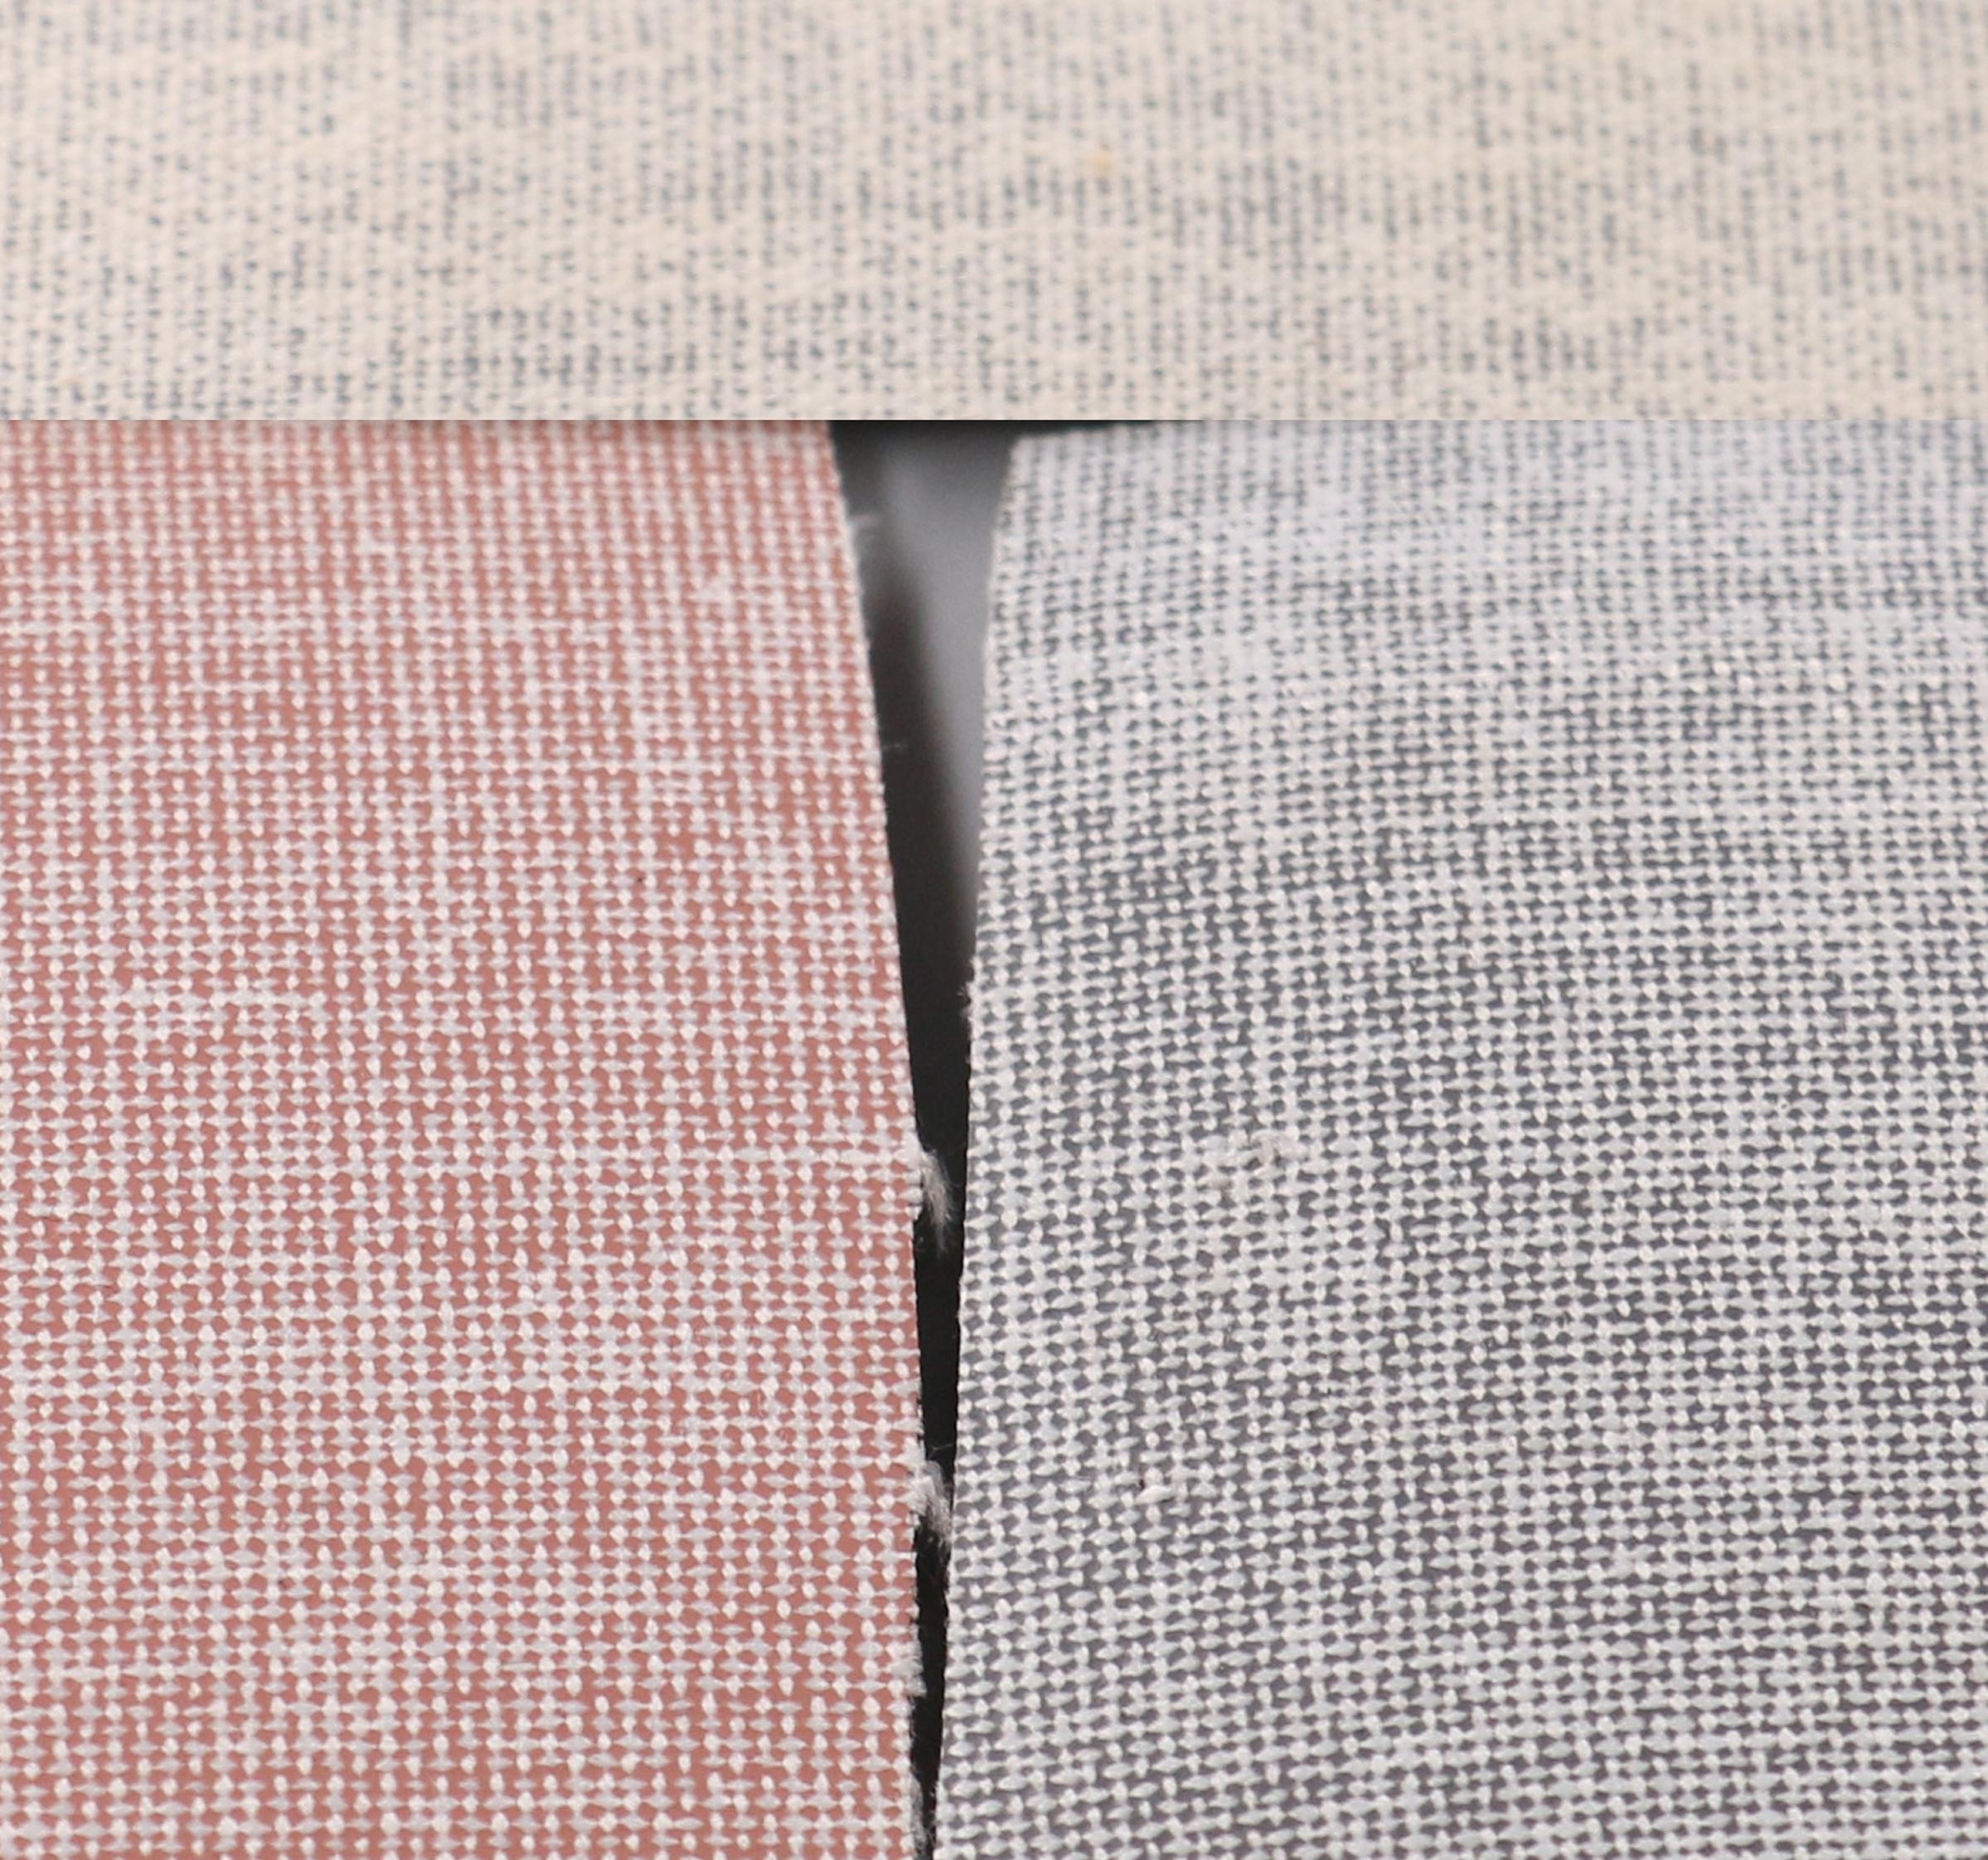 100% полиэстер, однотонная плетеная серо-зеленая ткань для покрытия кожаной подкладки